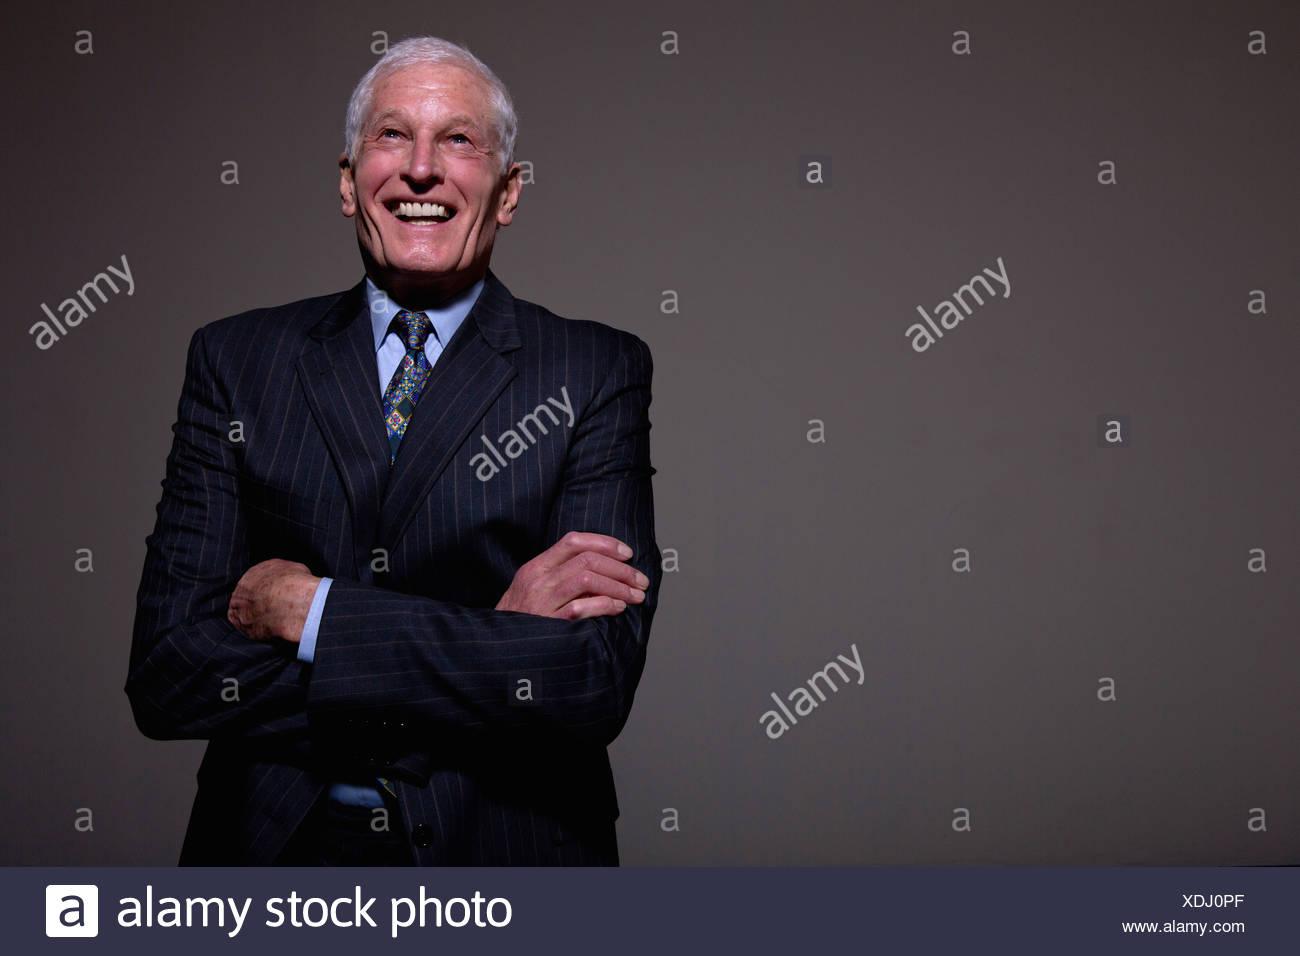 Studio portrait of senior man in suit - Stock Image